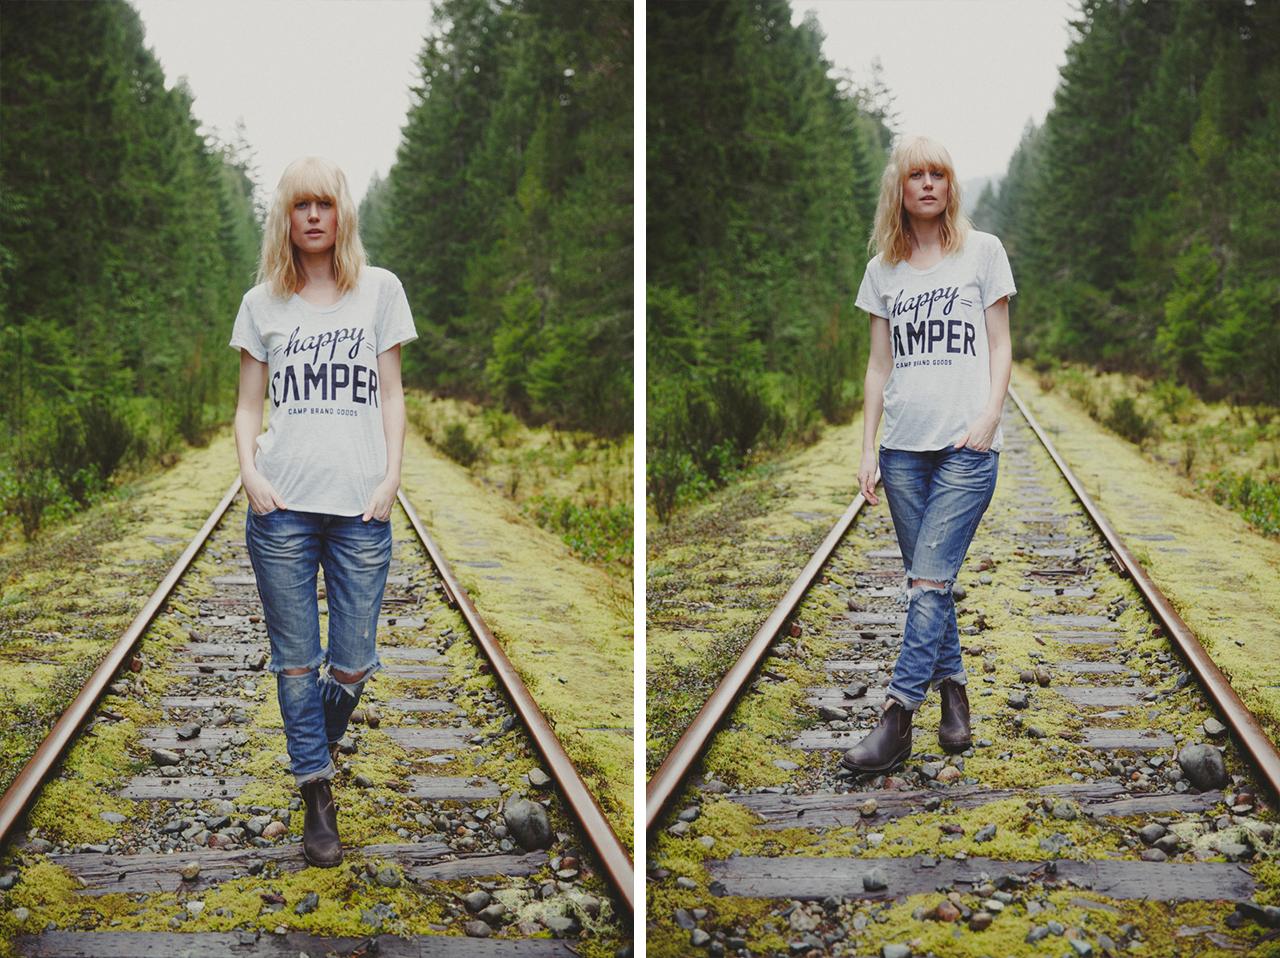 v-campbrandgoods-lifestyle-photographer-mikeseehagel-04